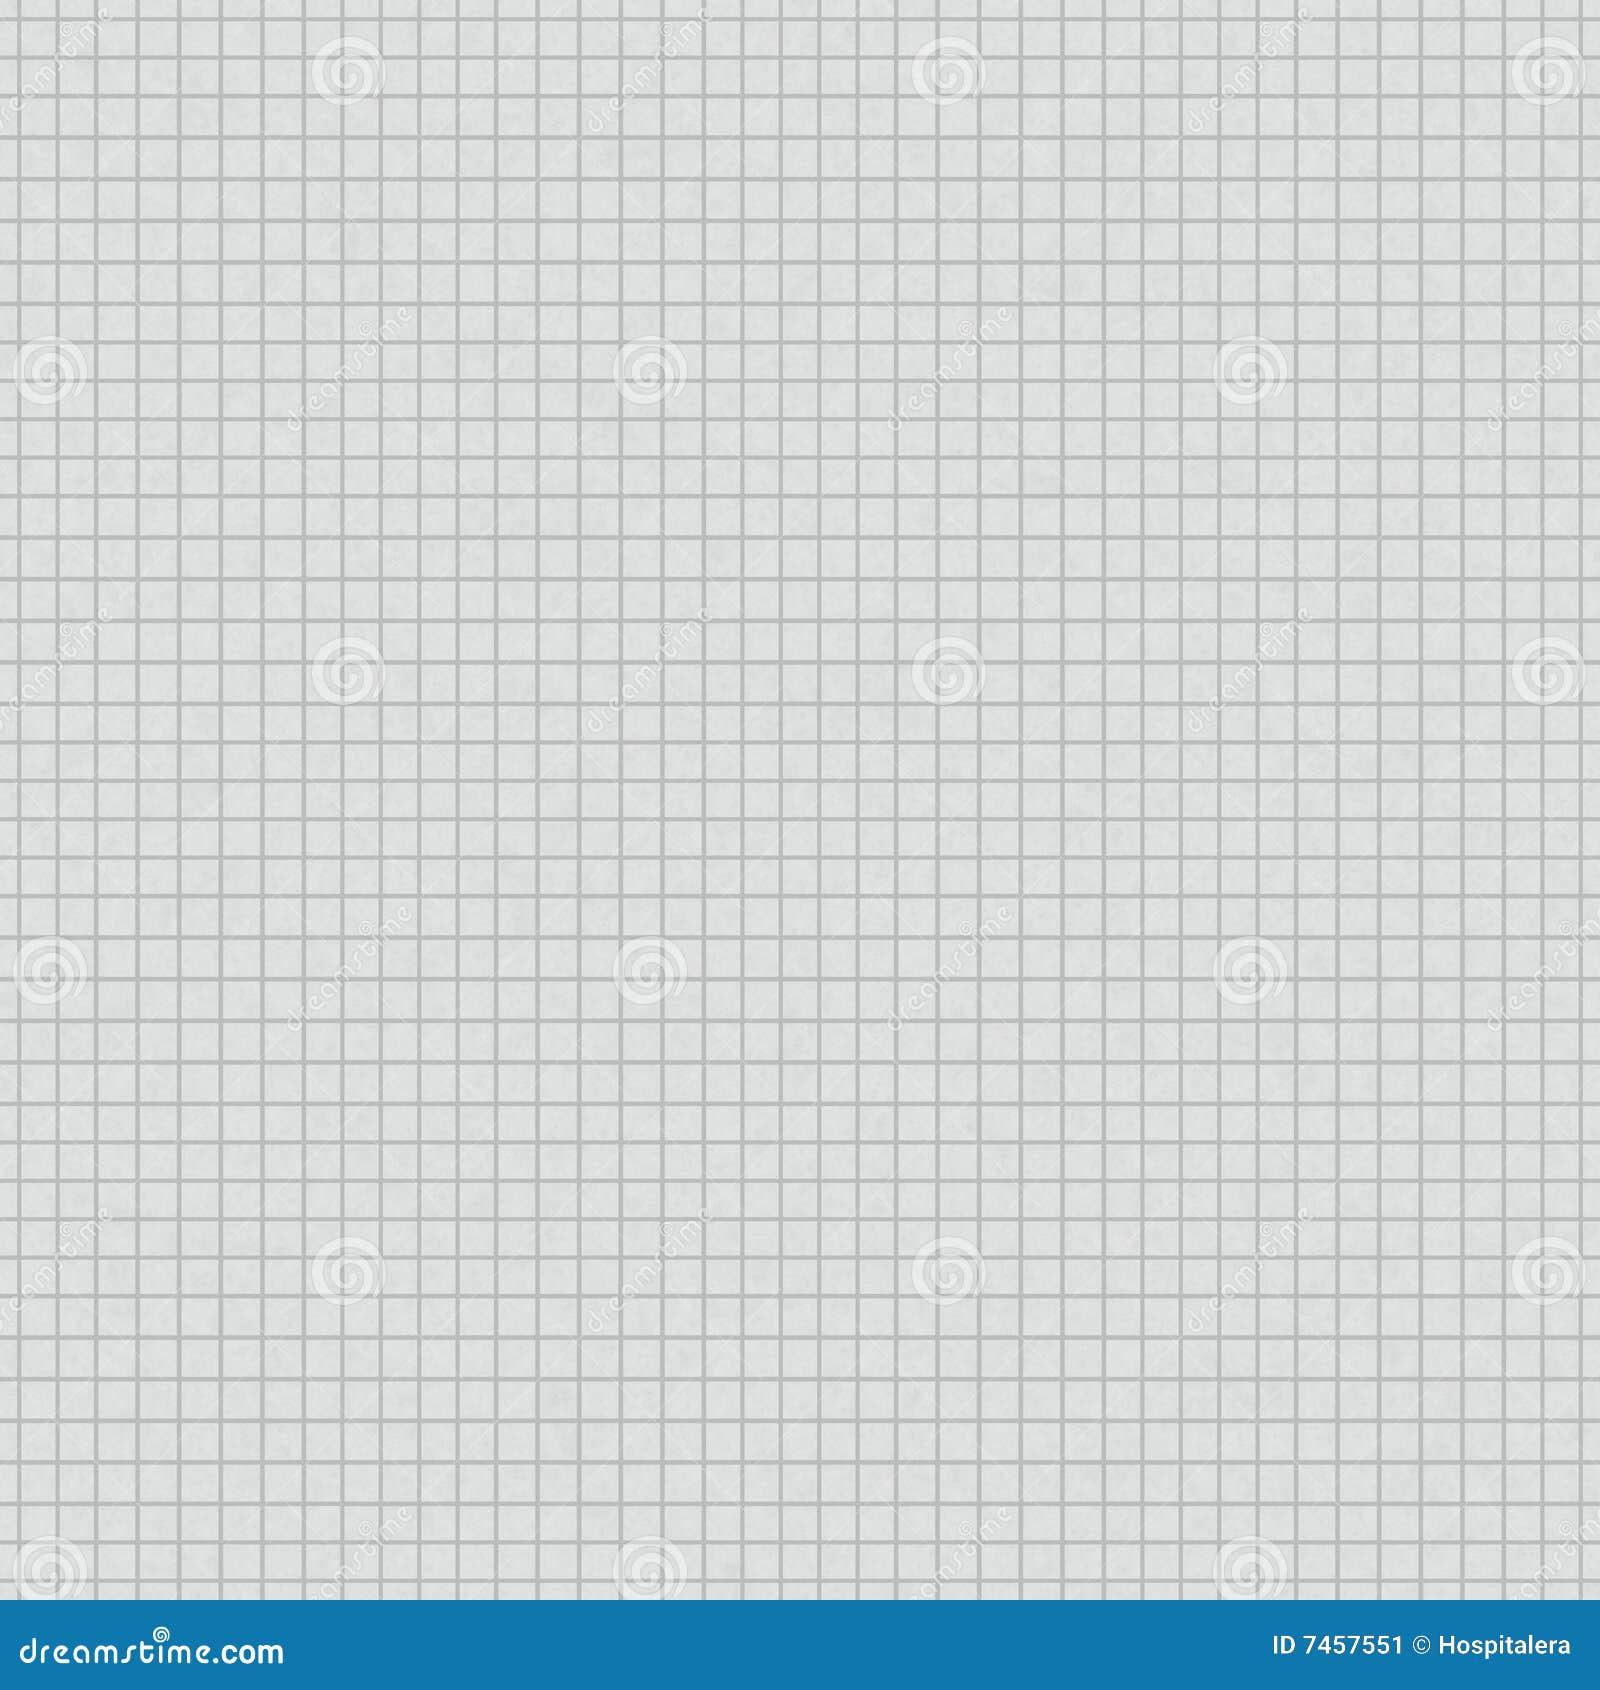 caro paper stock image